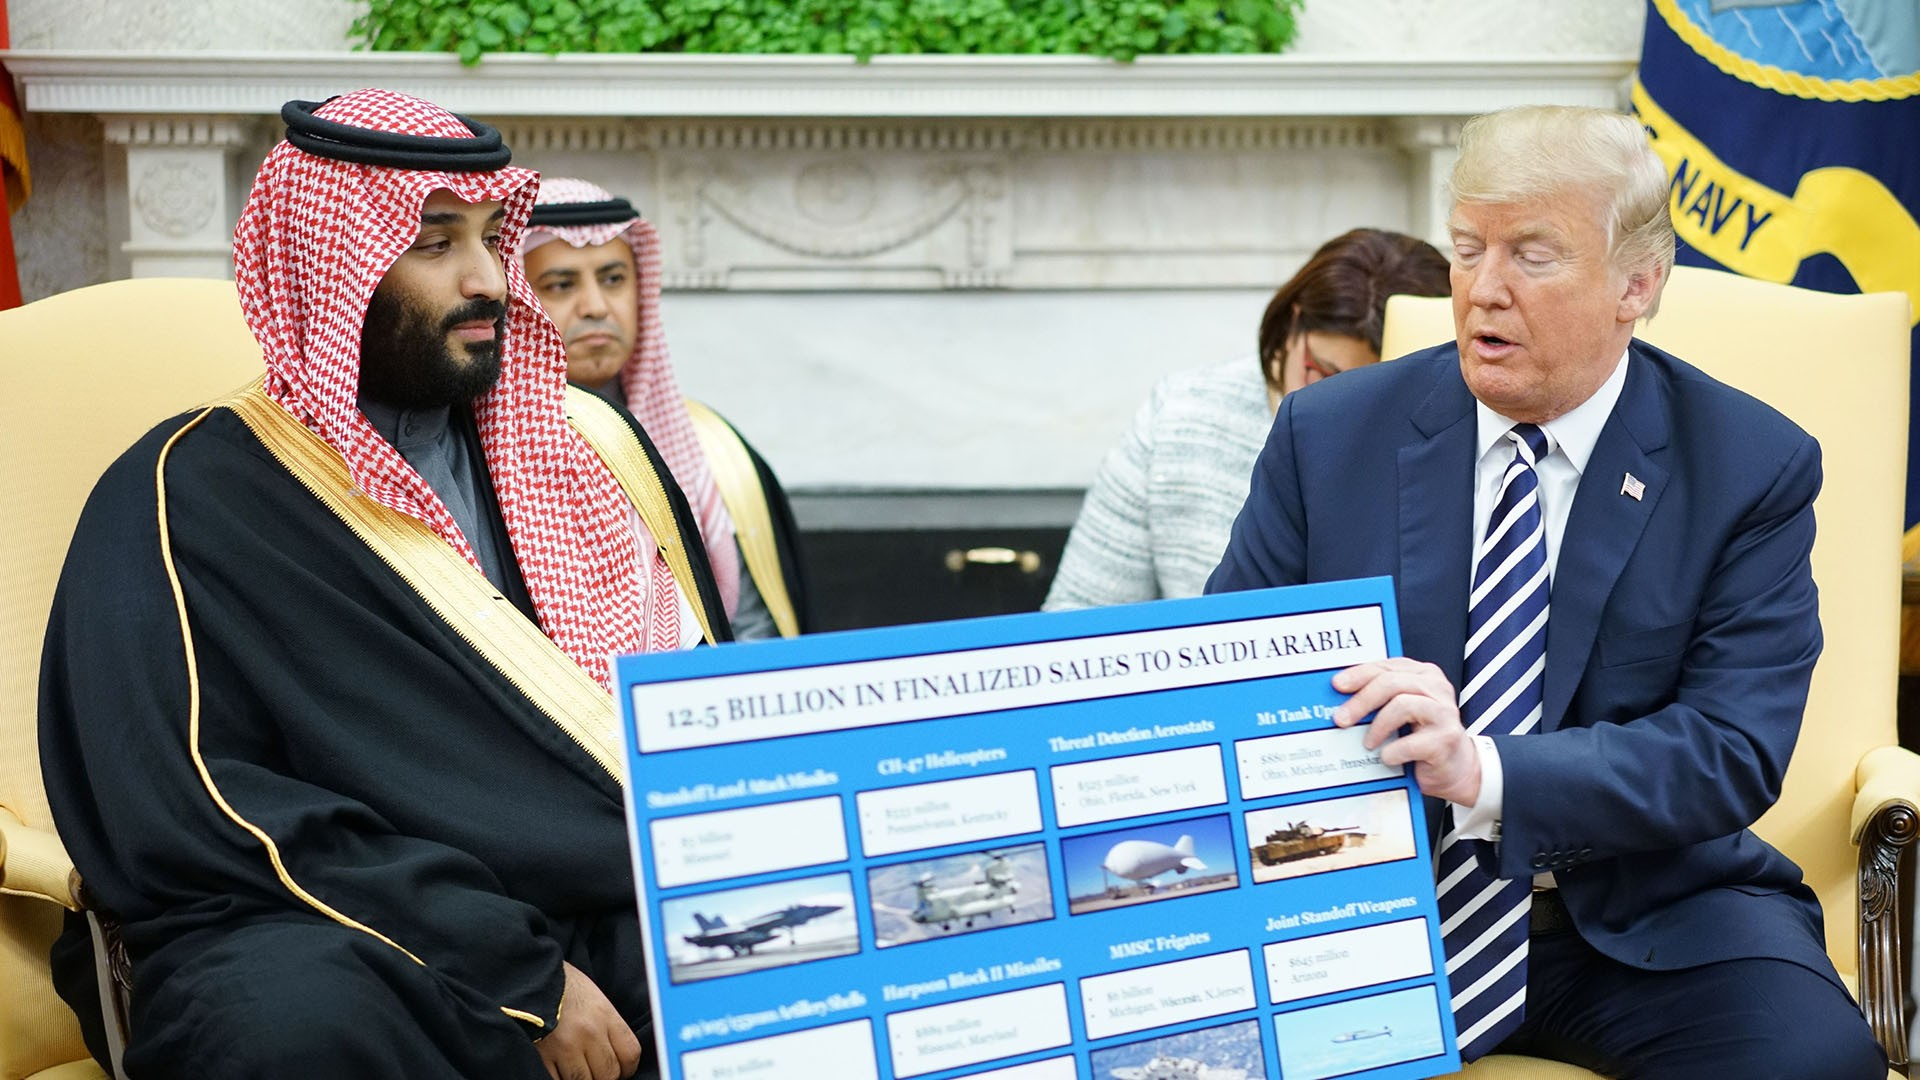 الولايات المتحدة .. جدل بشأن صفقة أسلحة مع السعودية